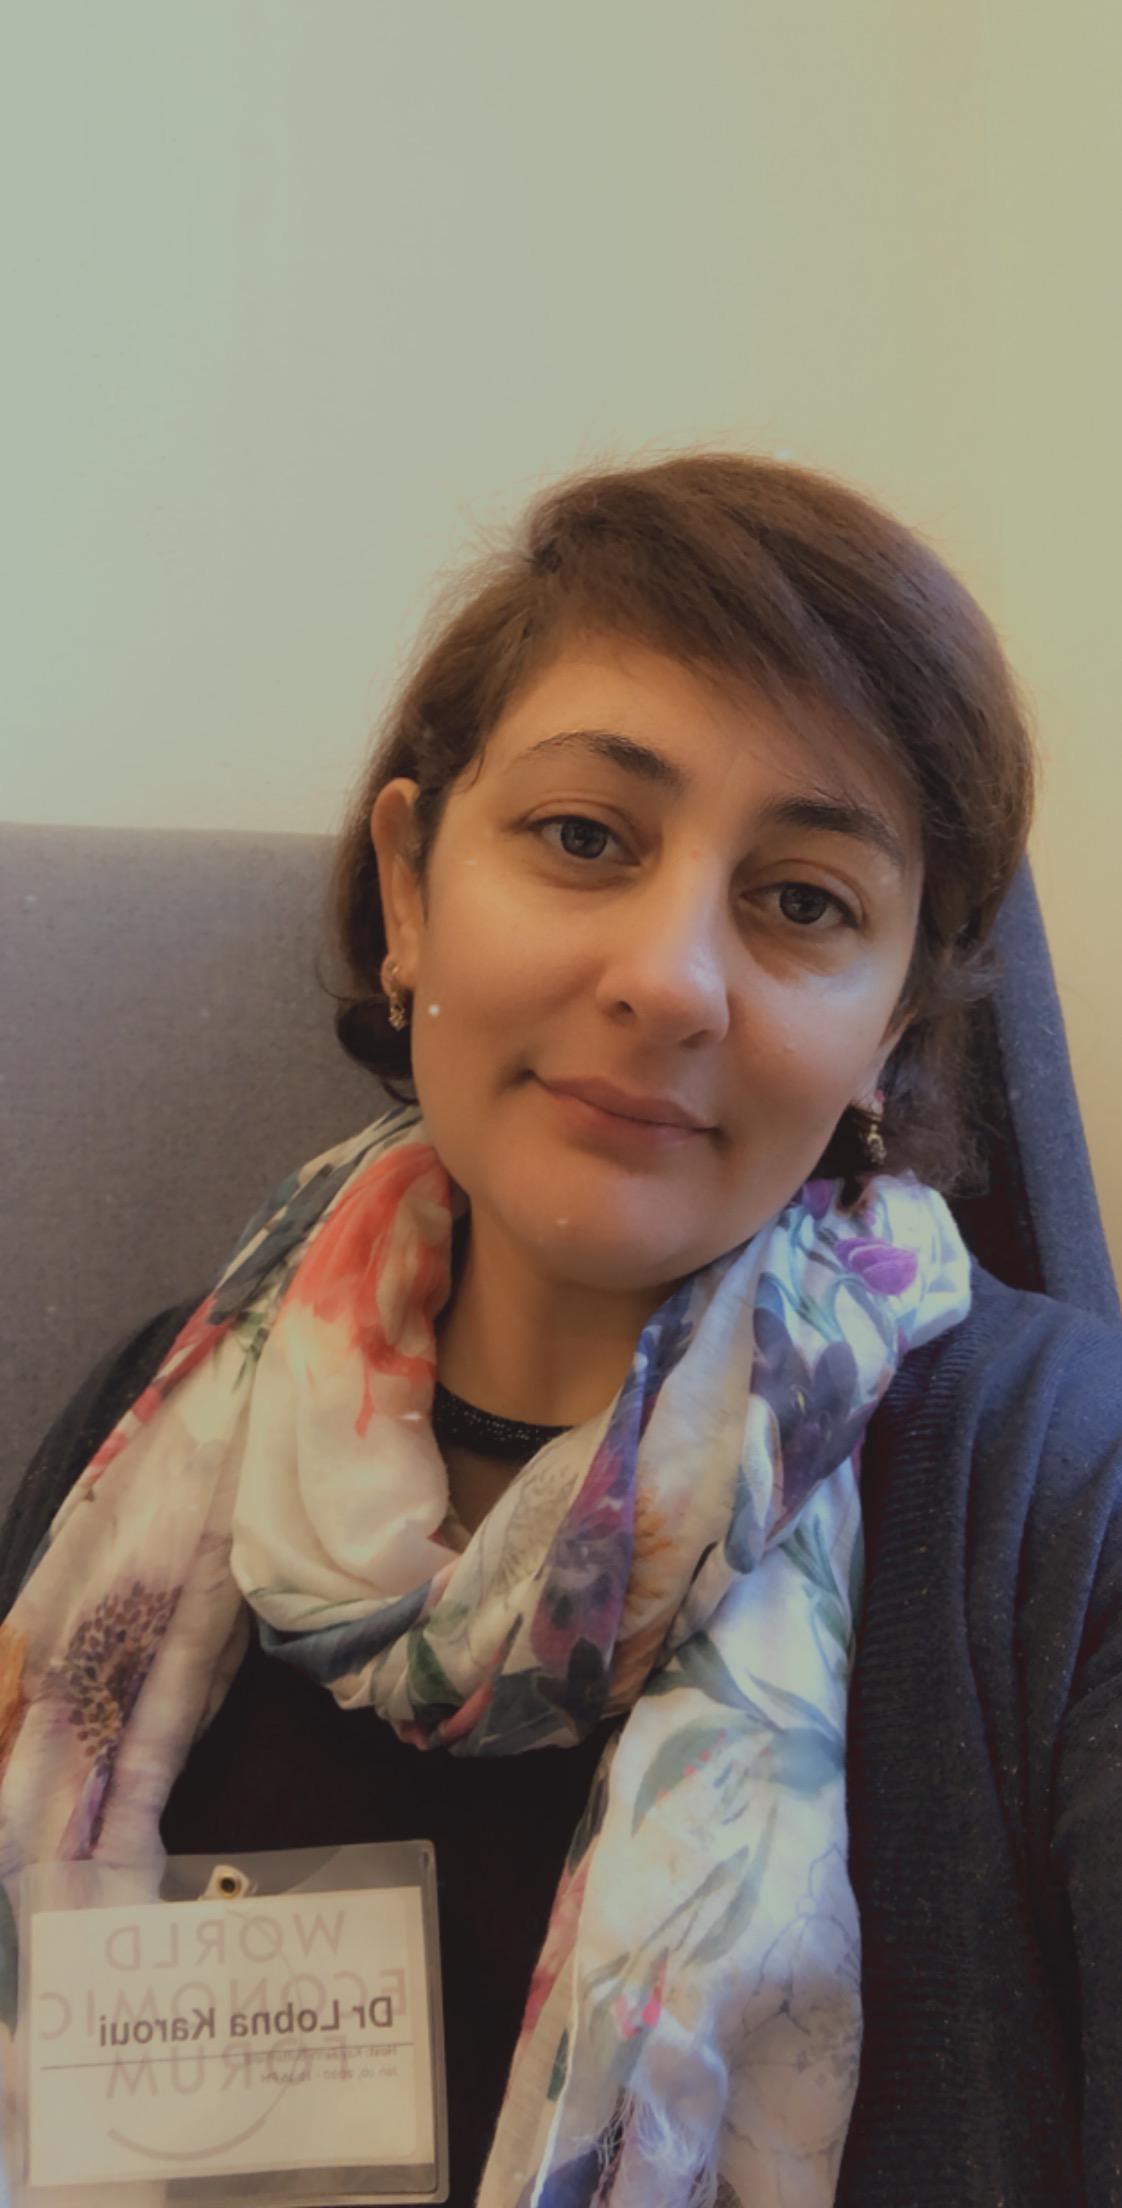 Dr. Lobna Karoui in WEF